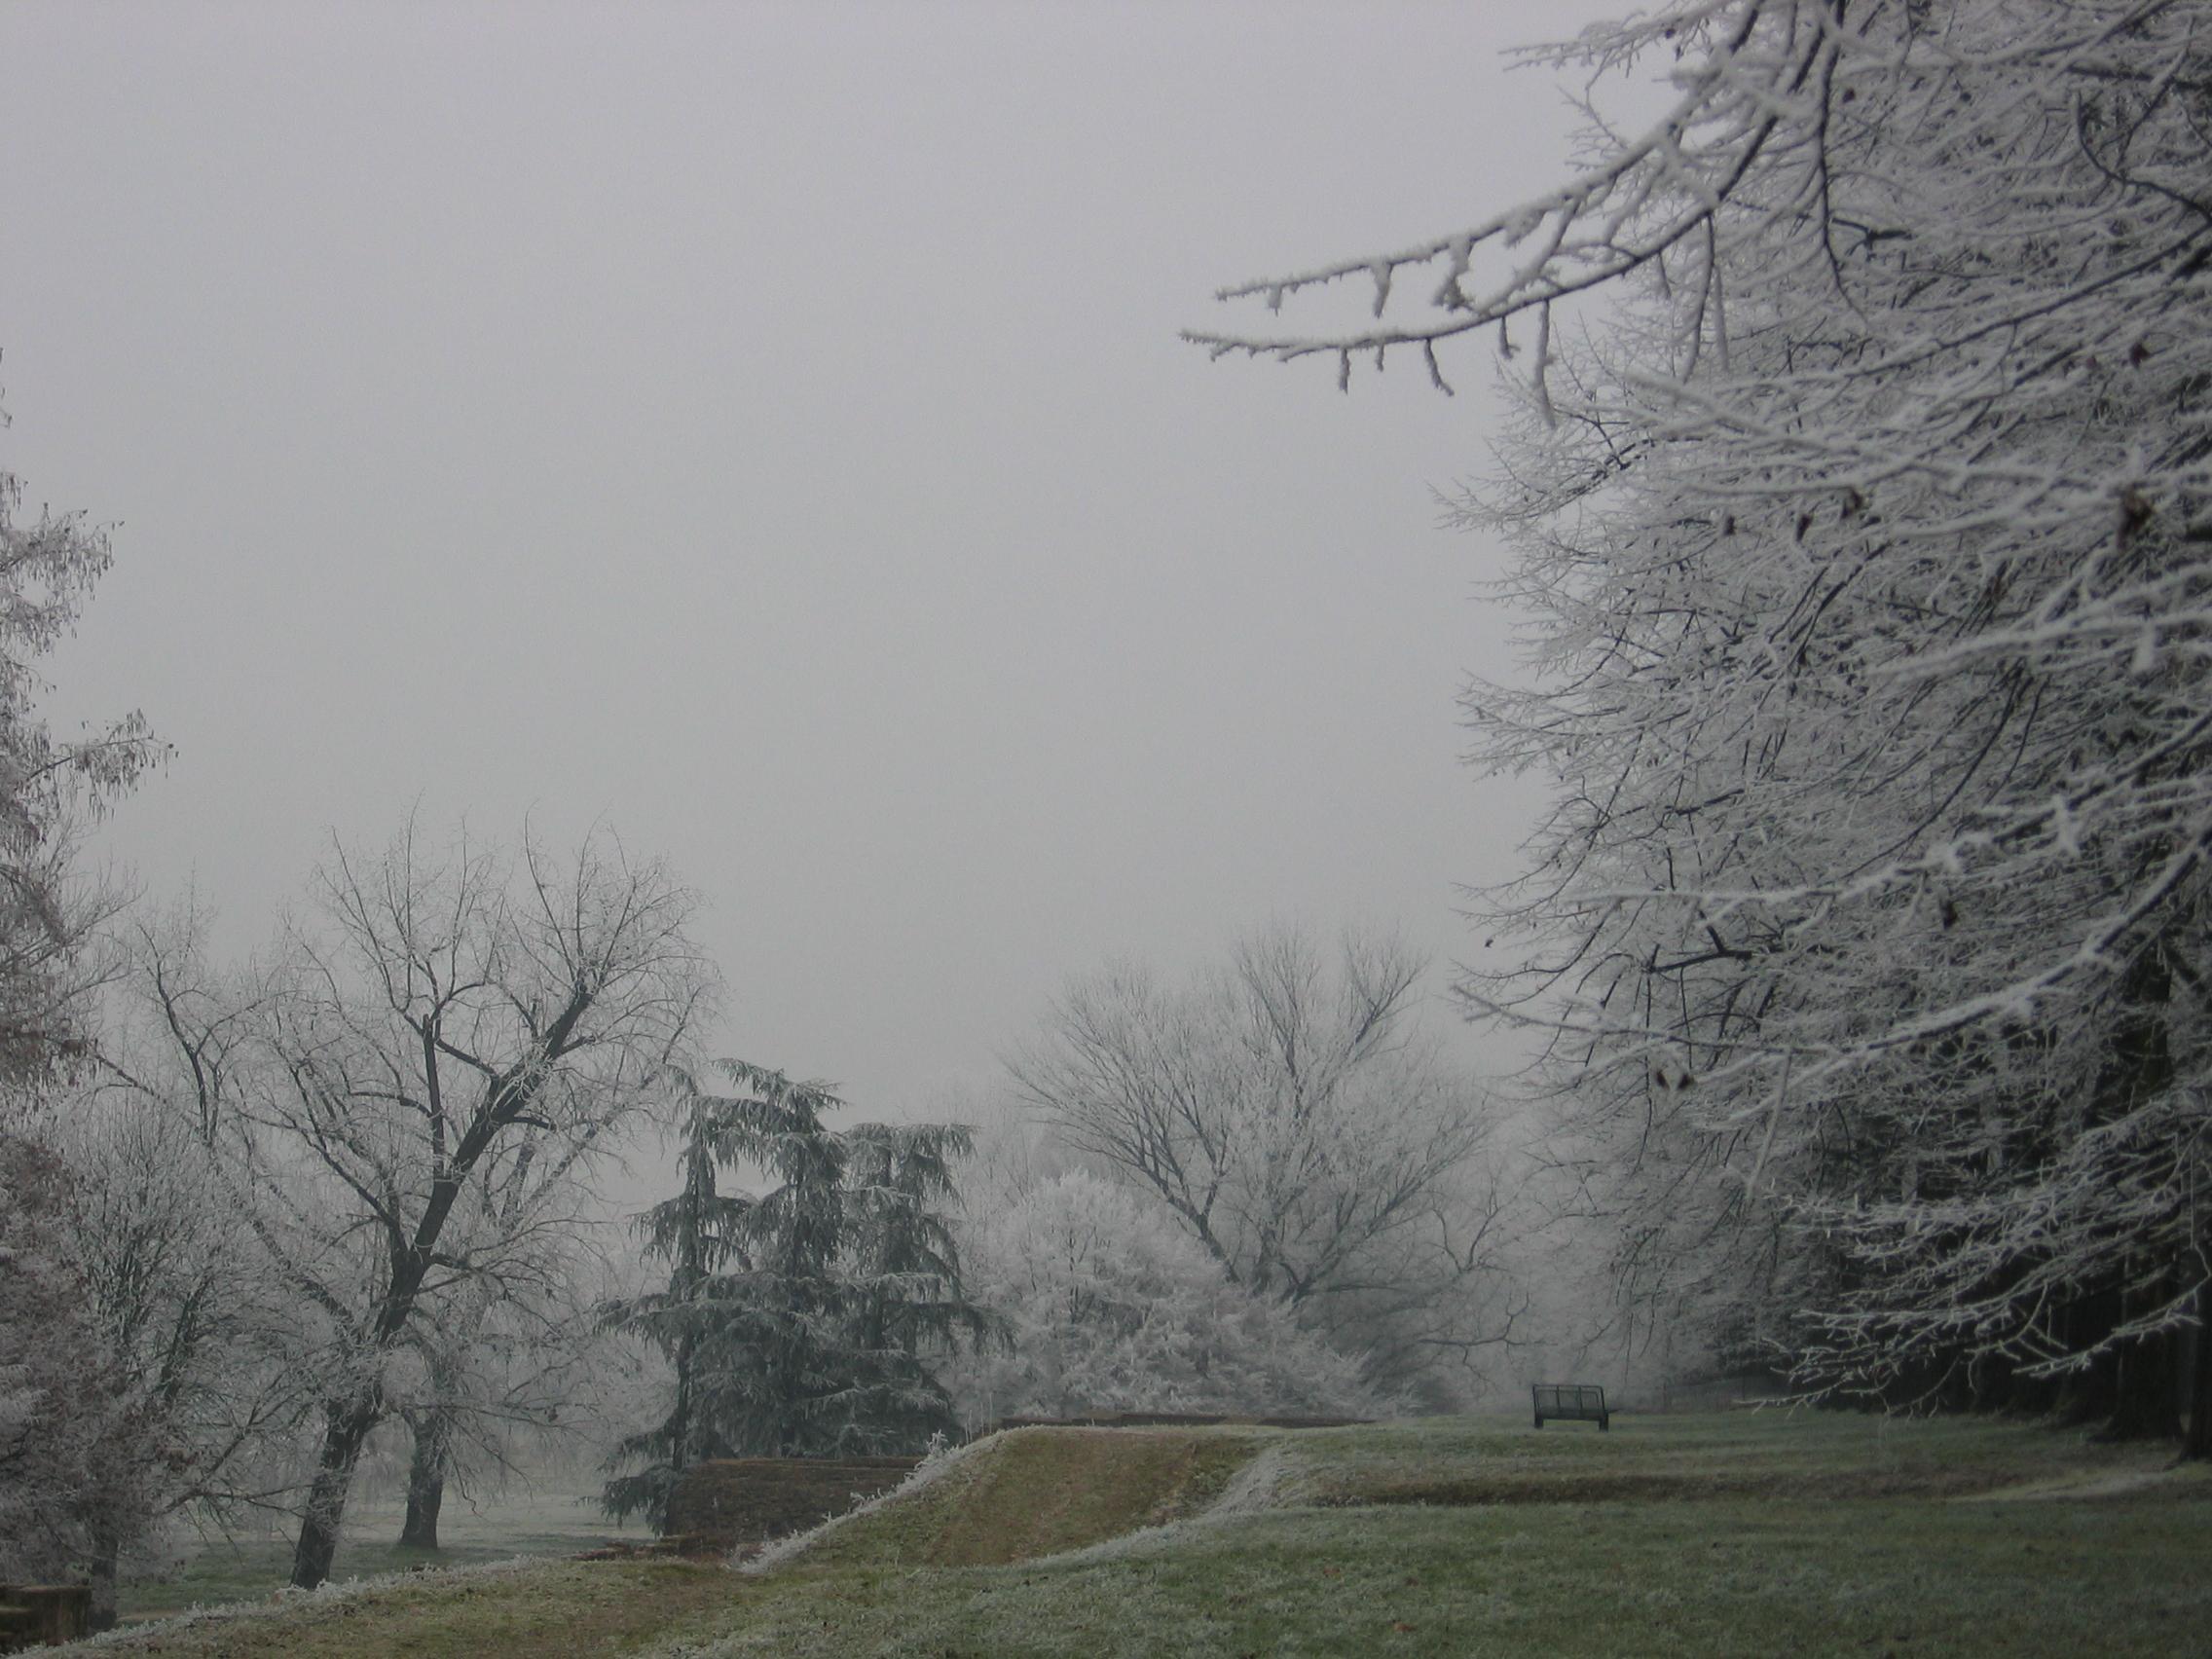 Reportage Galaverna - fine dicembre 2007 - Polesella (RO)-128_2895-1-.jpg